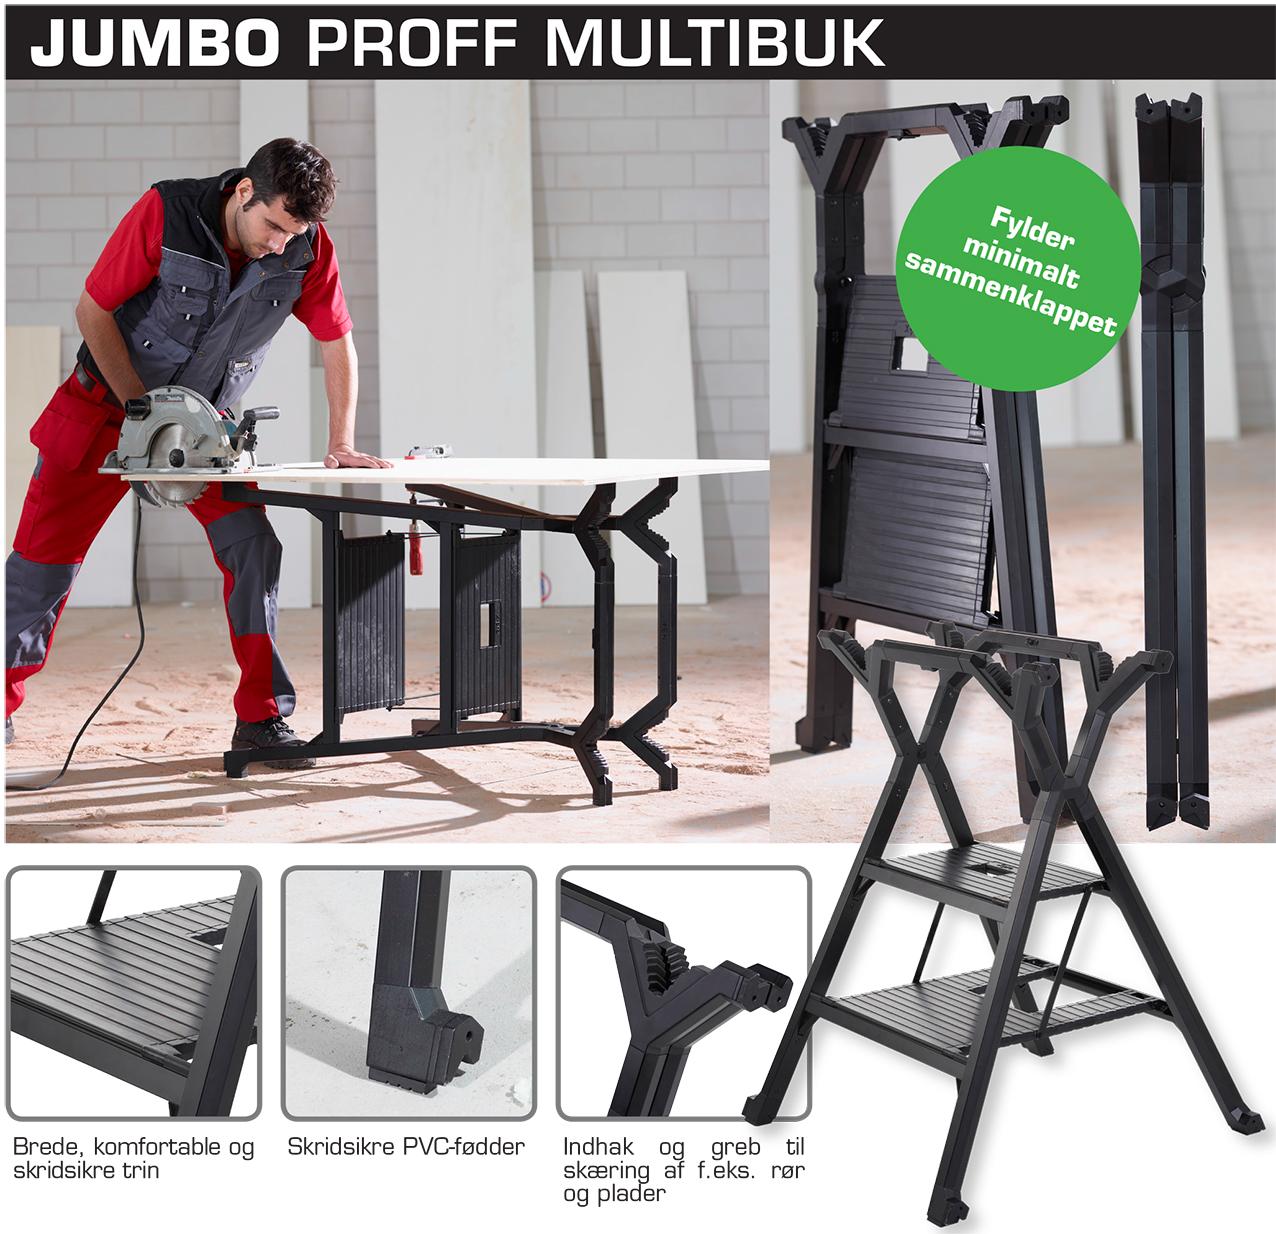 Jumbo multibuk